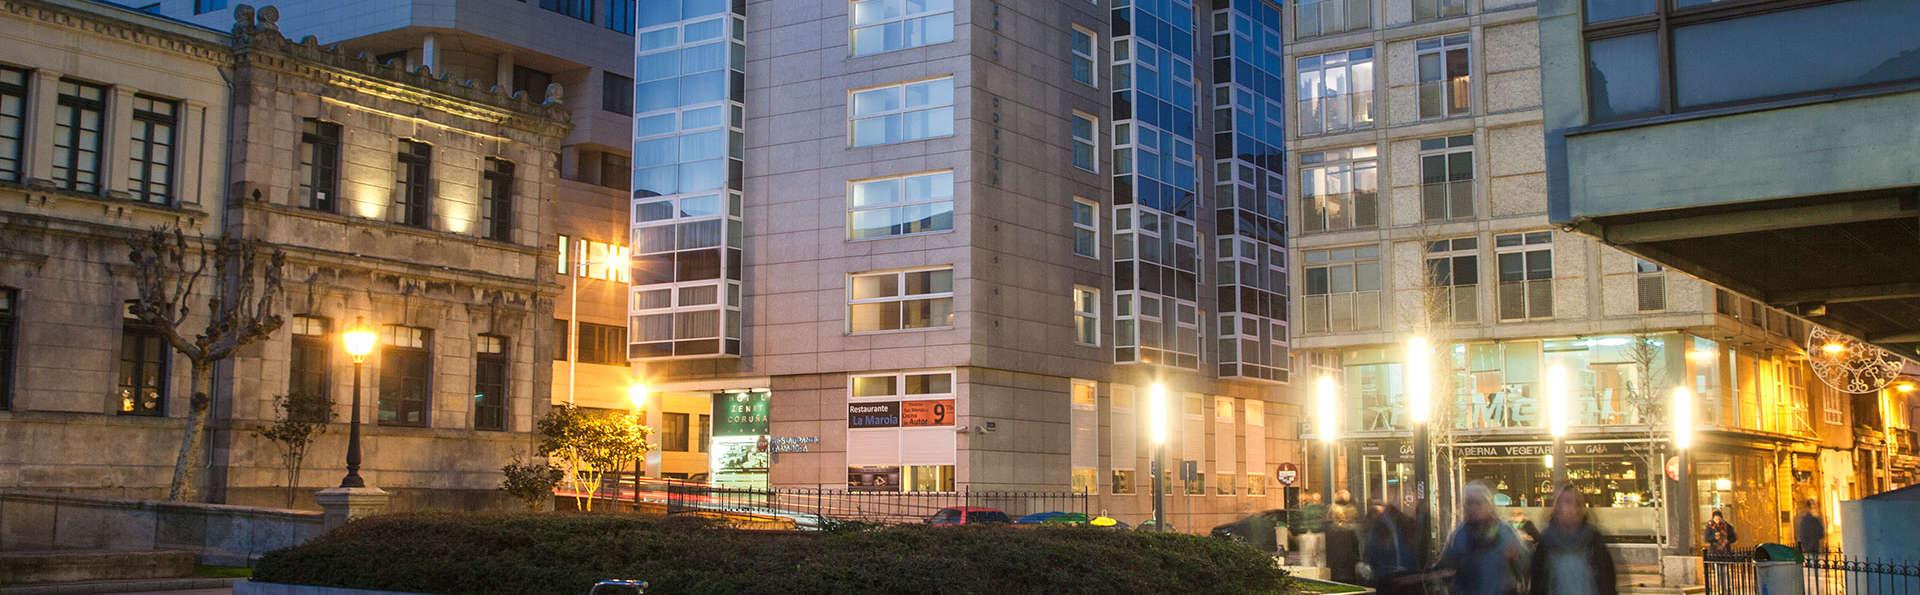 Hotel Zenit Coruña  - EDIT_front.jpg